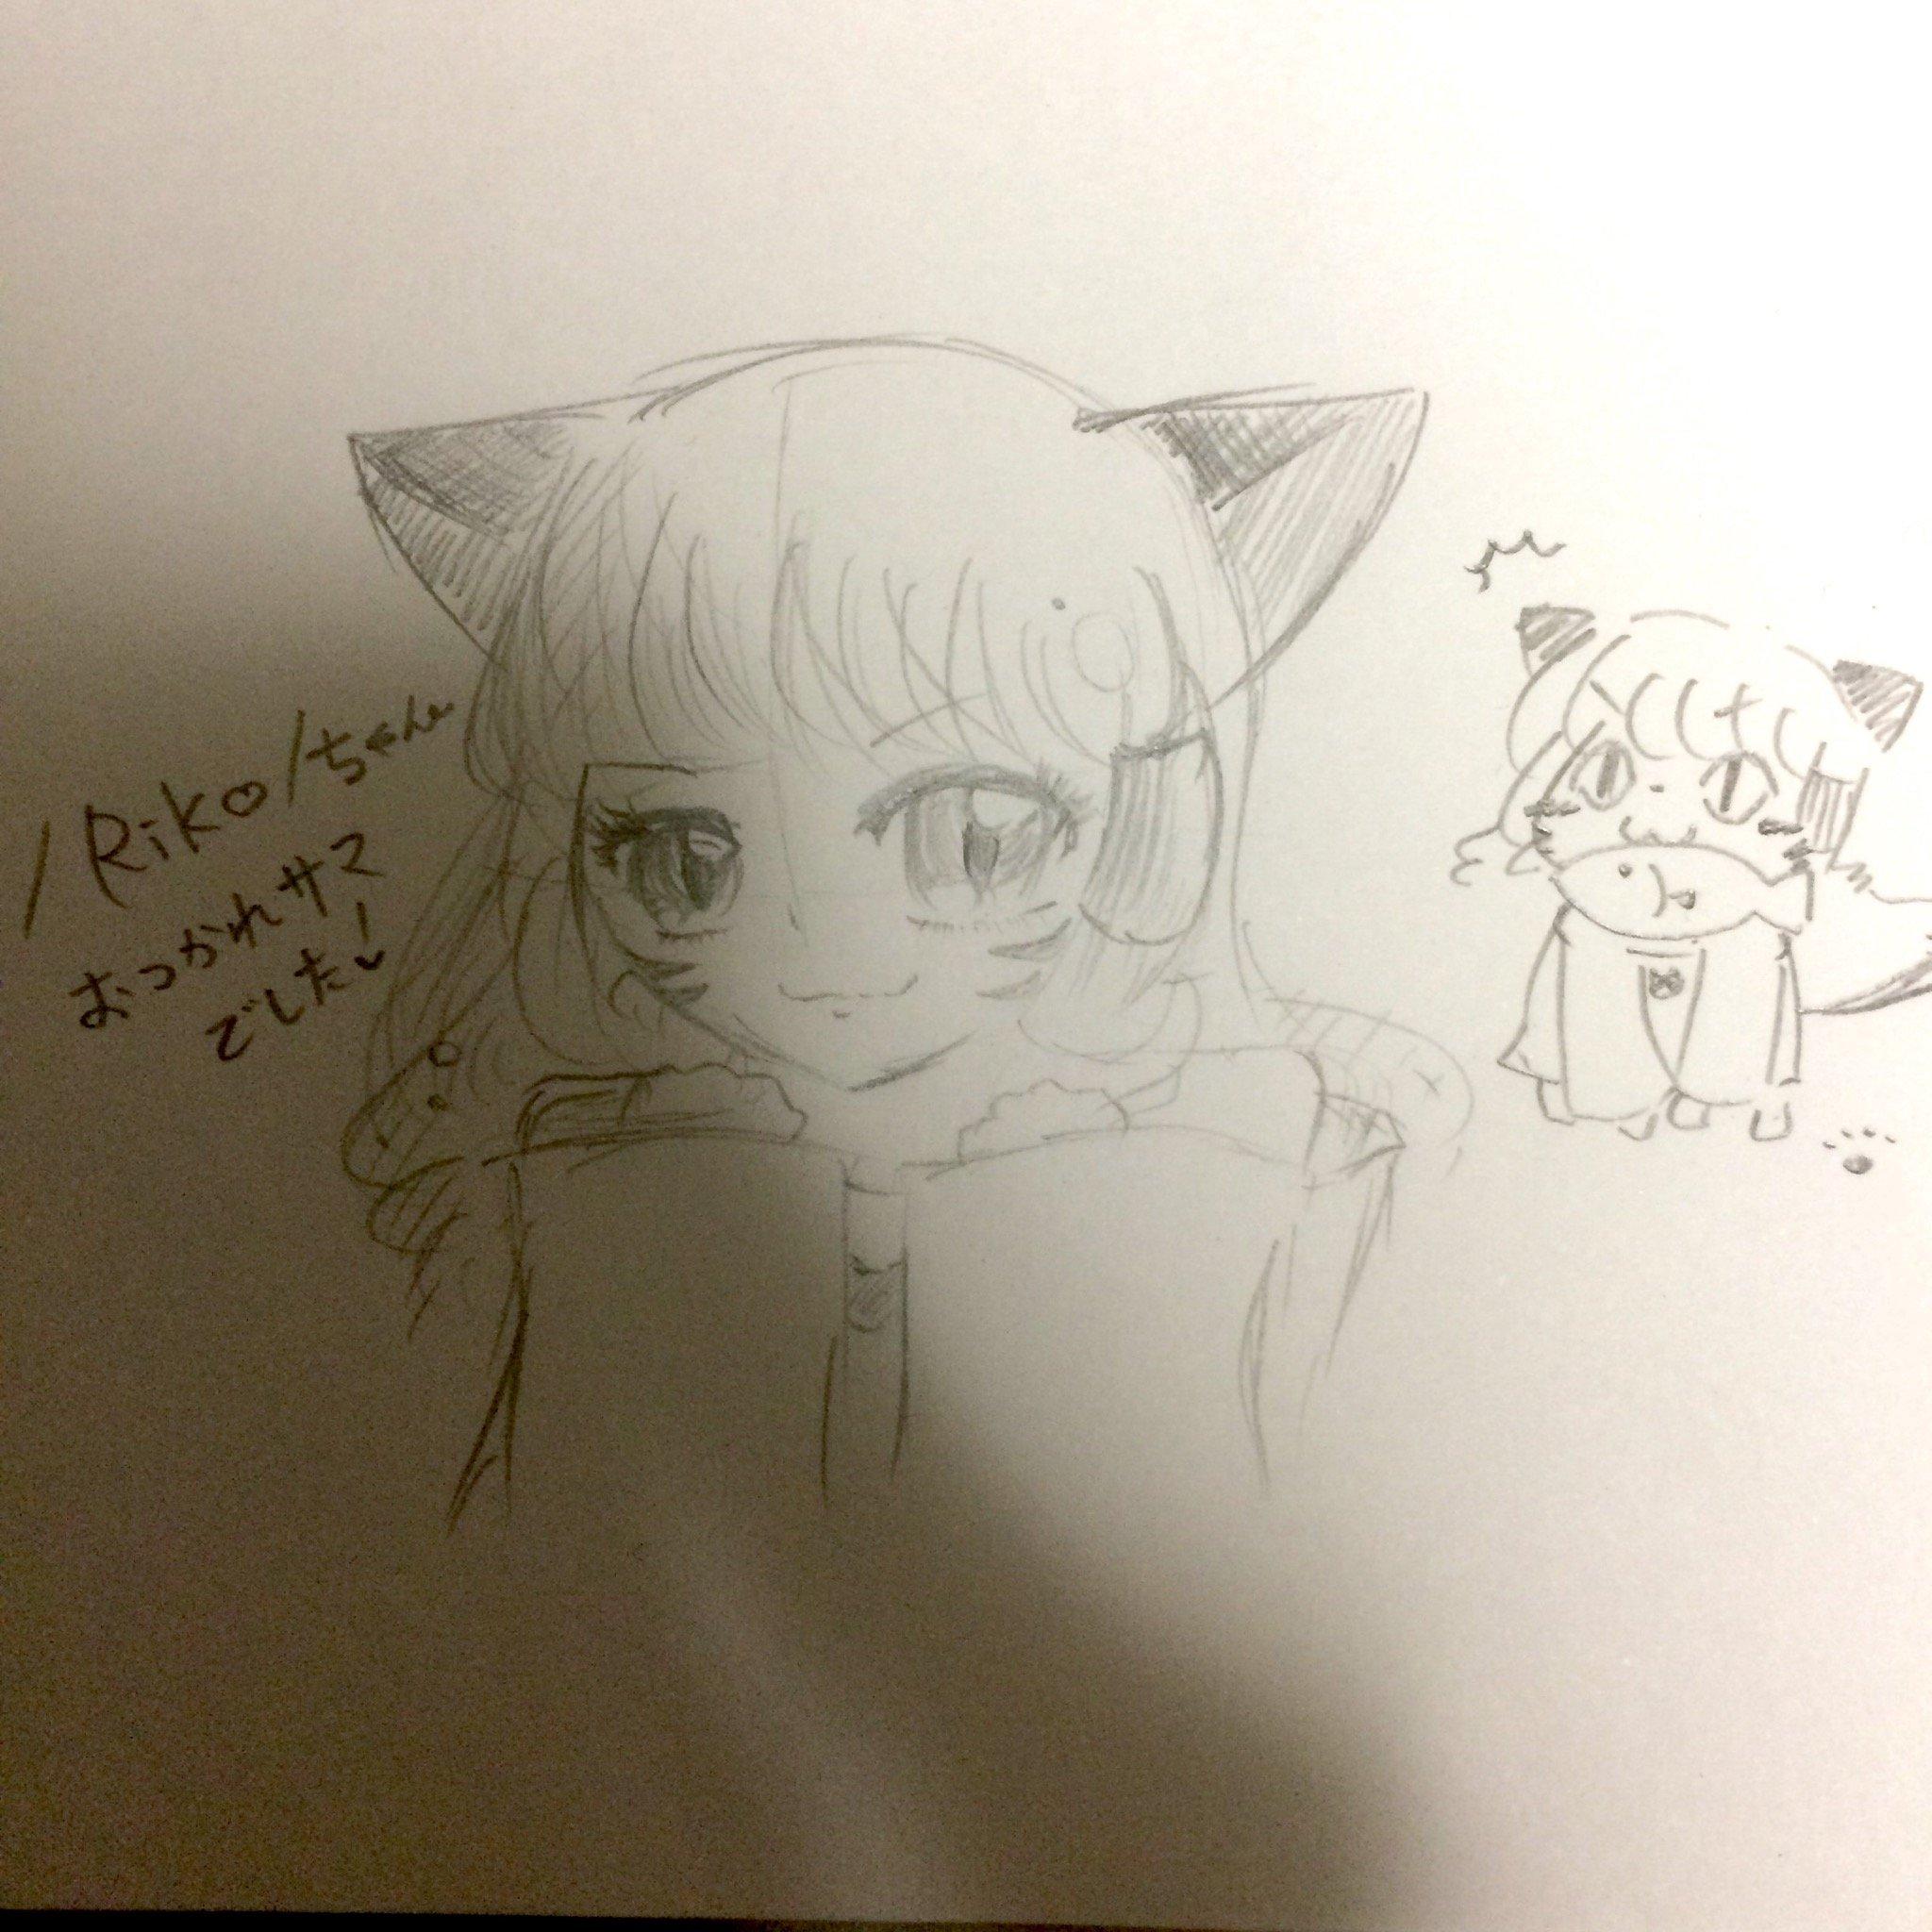 04/14のツイート画像